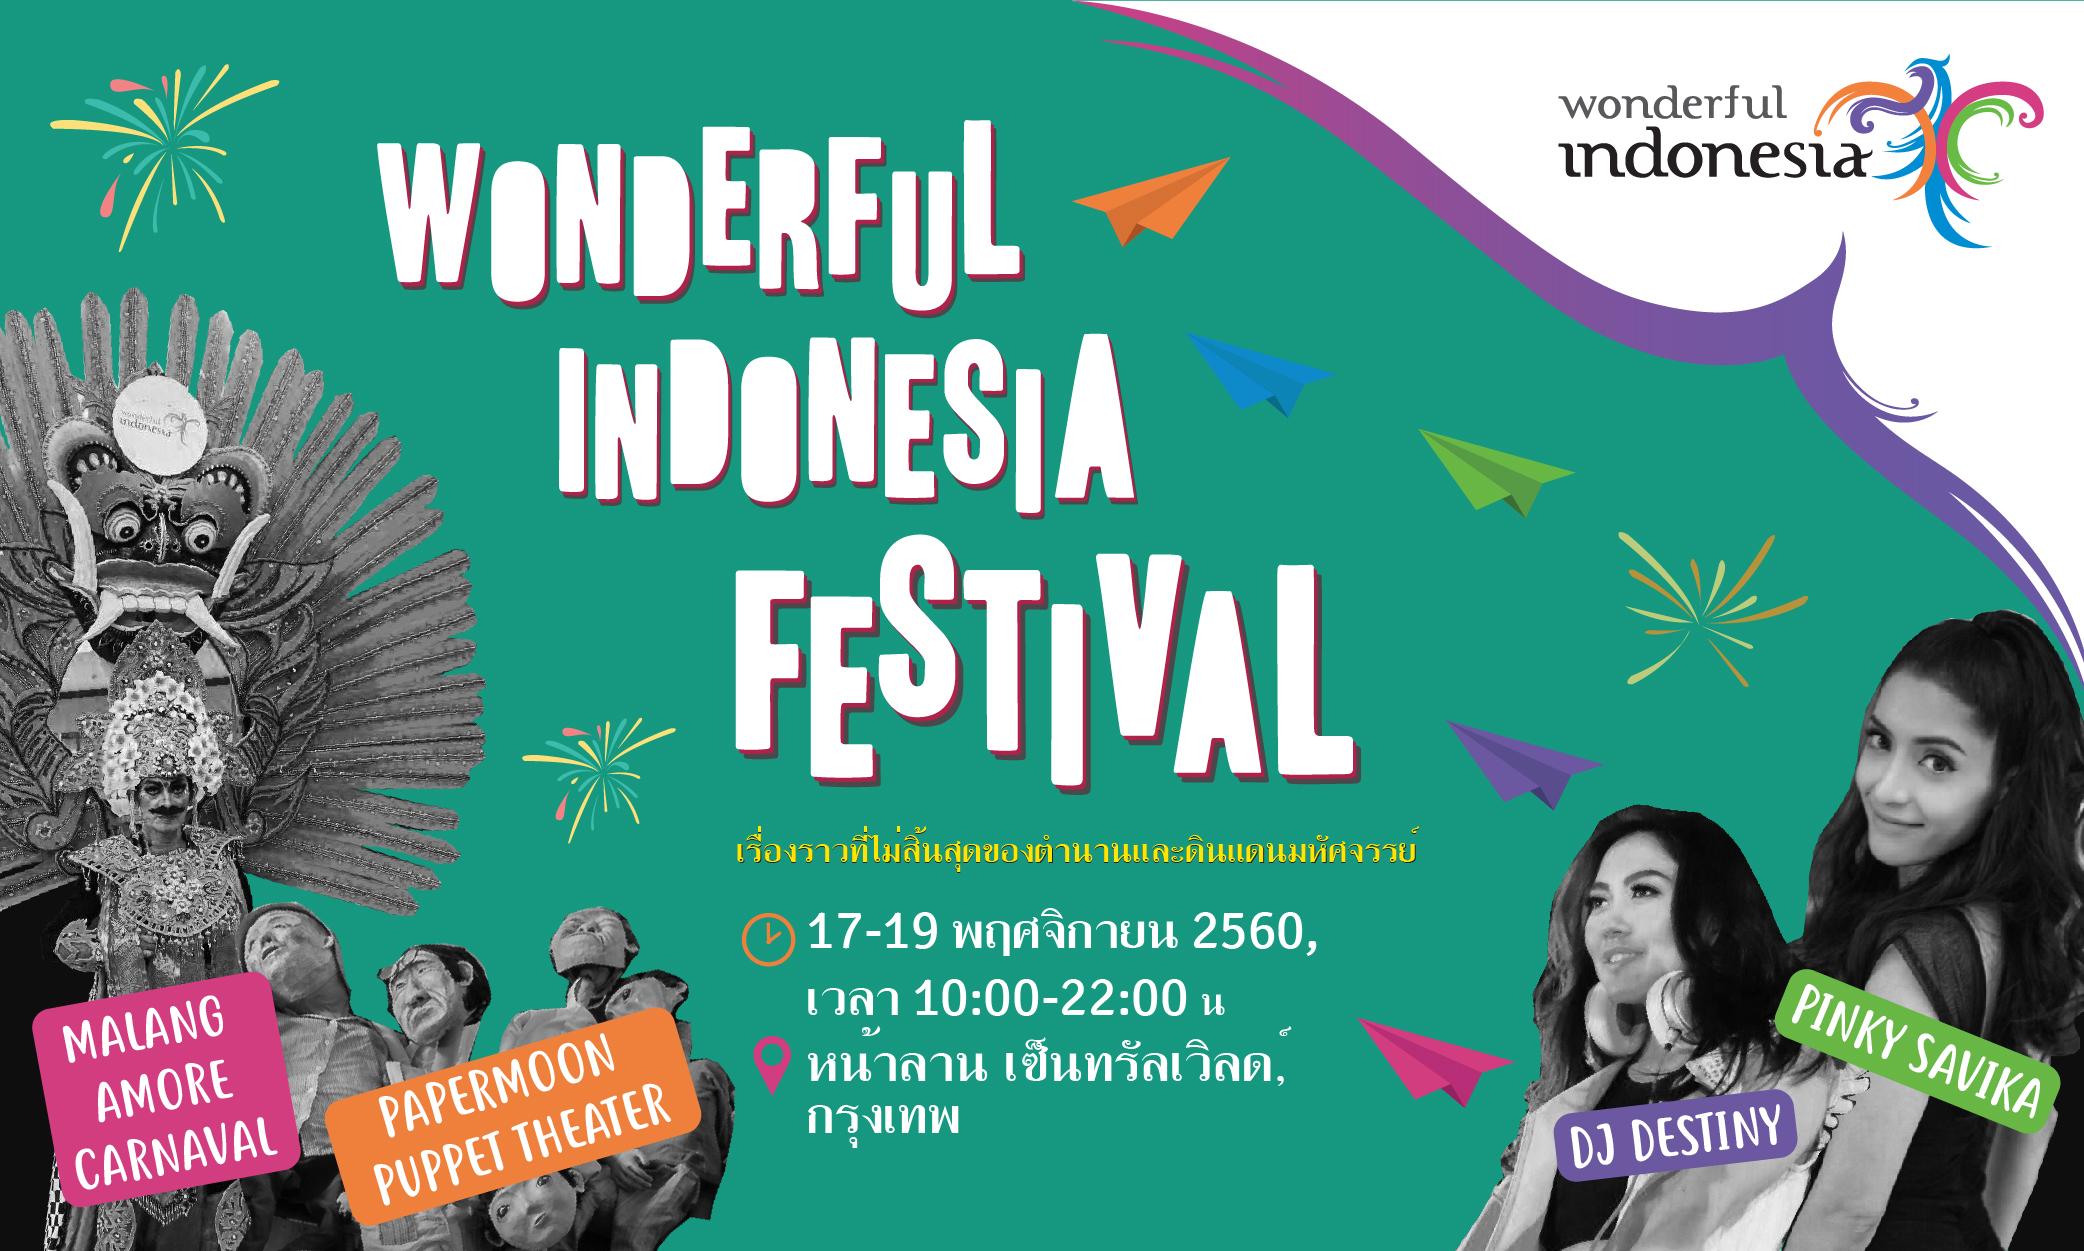 กระทรวงการท่องเที่ยวอินโดนีเซีย เชิญชวนมาร่วมงานของทางการท่องเที่ยว